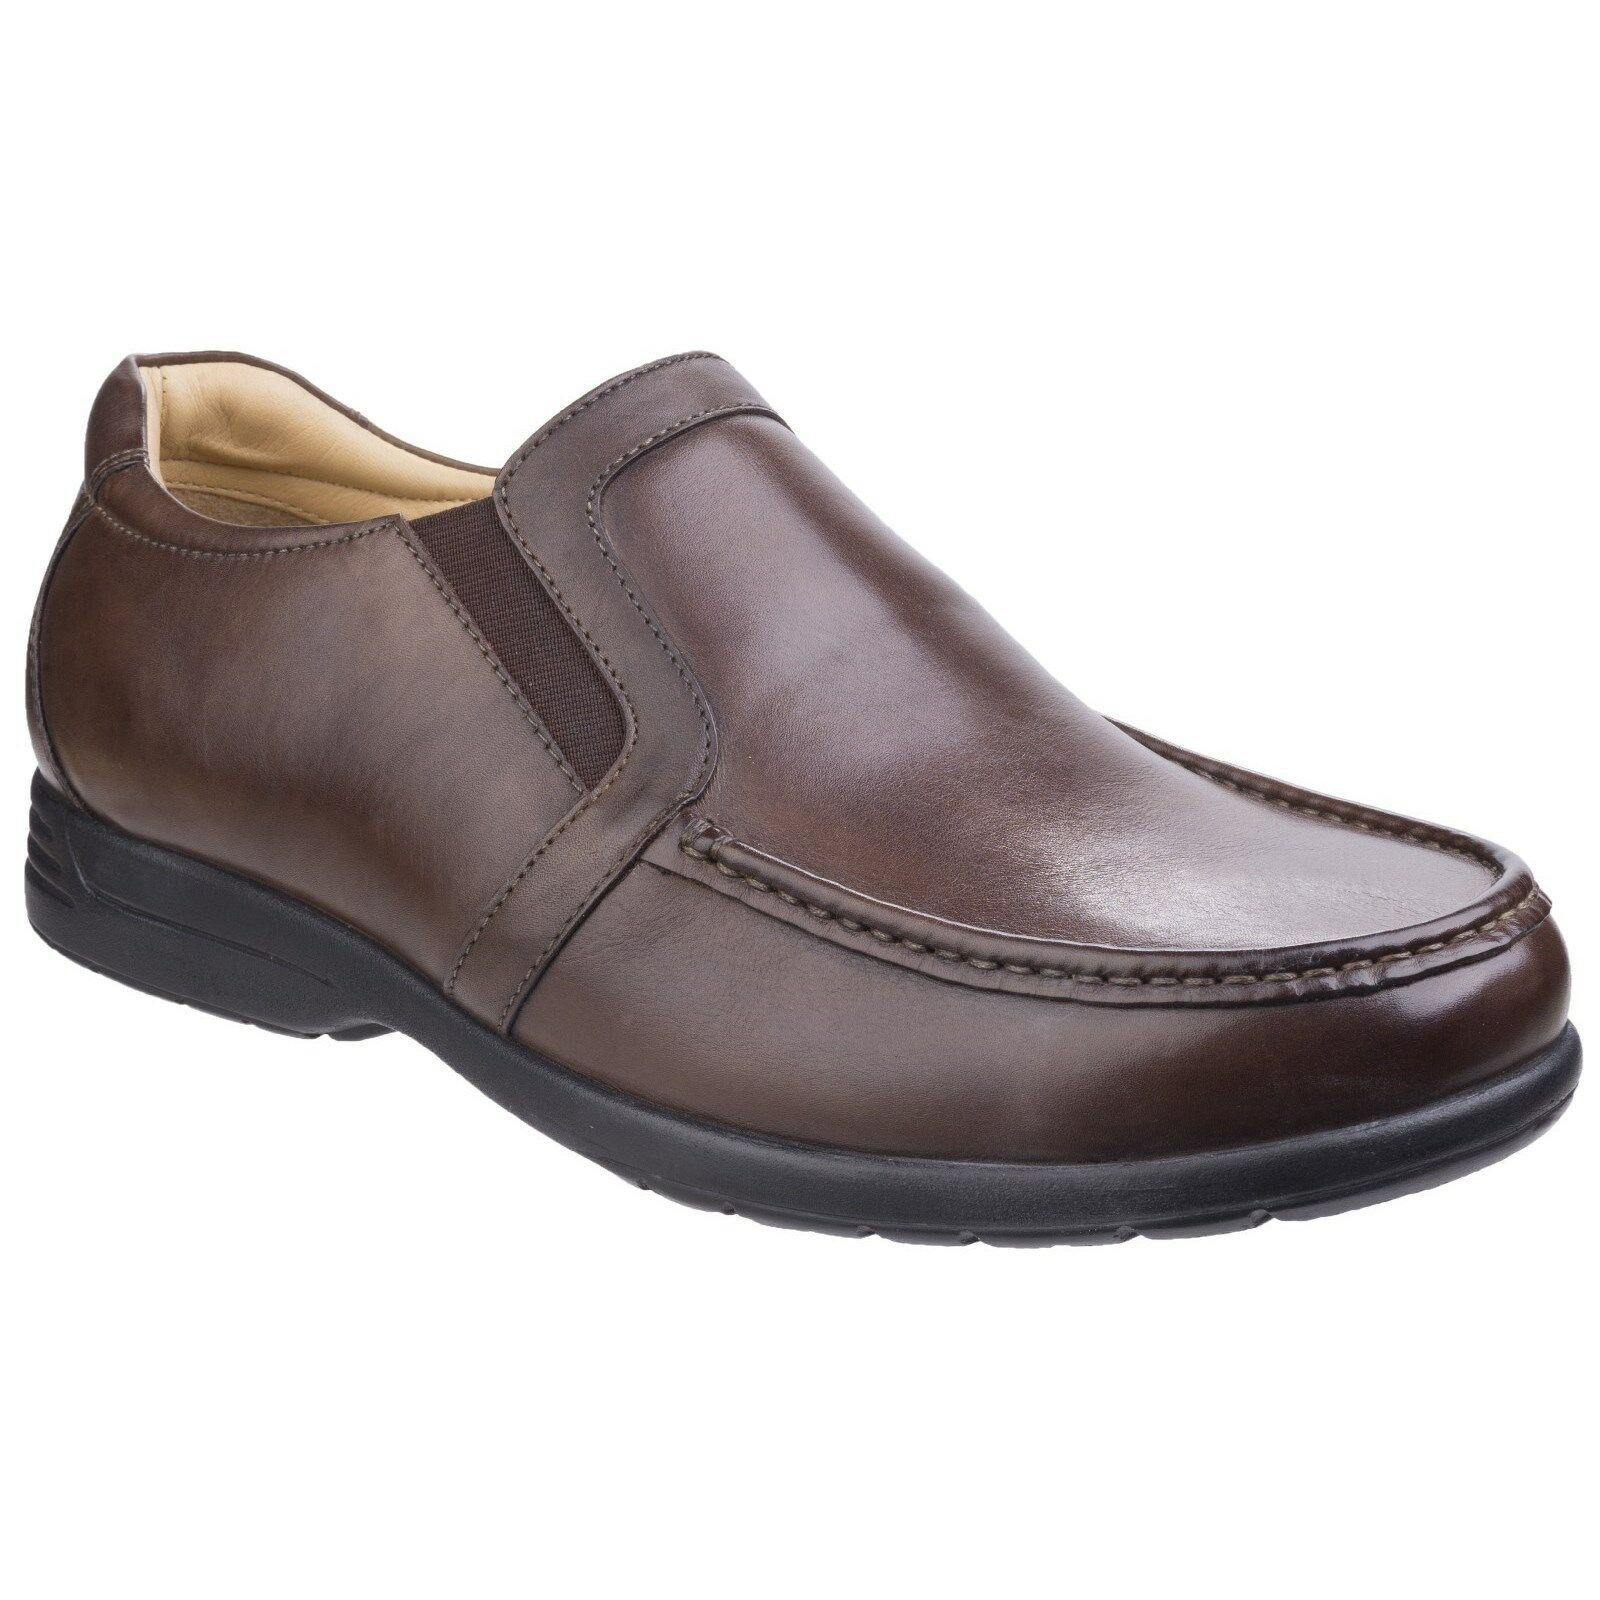 FLEET & ZAPATOS FOSTER Gordon Cuero Dual Fit estilo mocasín ZAPATOS & HOMBRE SIN CIERRES a305df